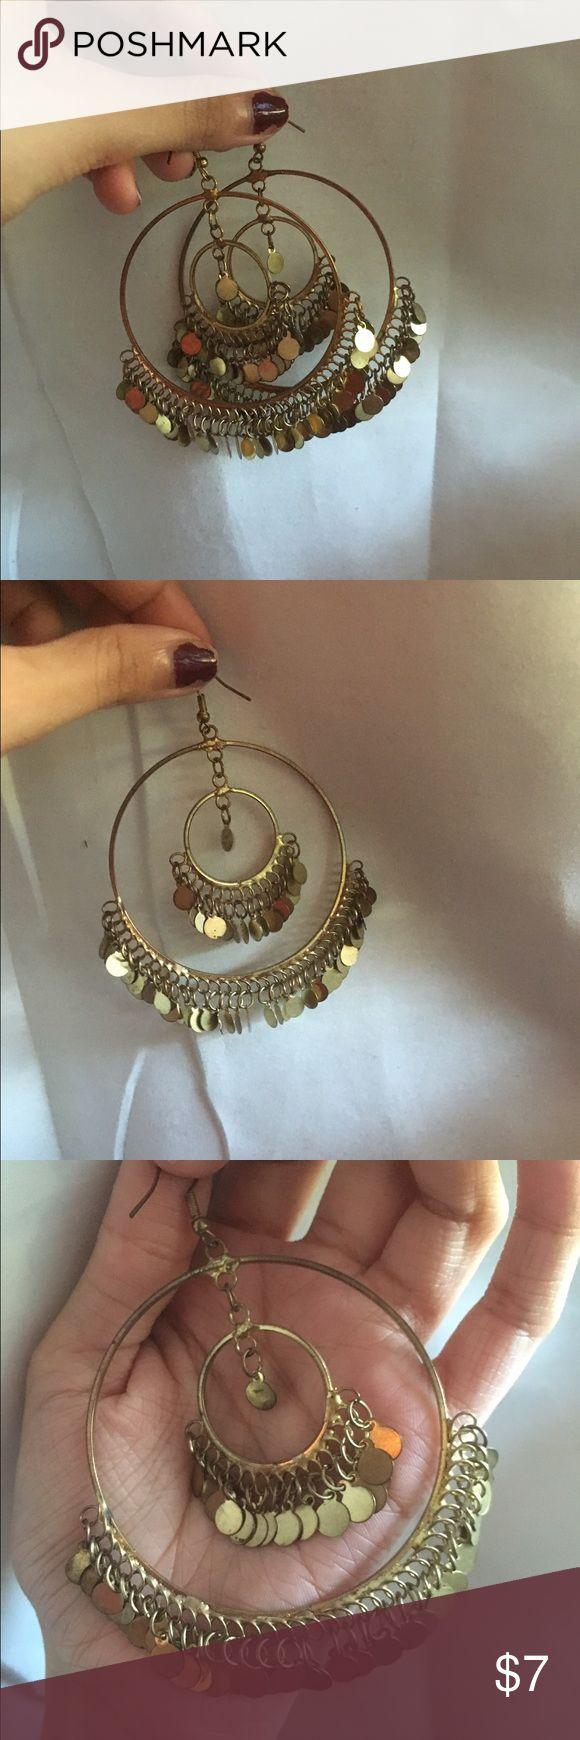 hoop earrings only worn once ✨✨✨ keywords: bollywood, bridal, ethnic, boho, indian, Pakistani, party wear, wedding, fancy, dangling Jewelry Earrings